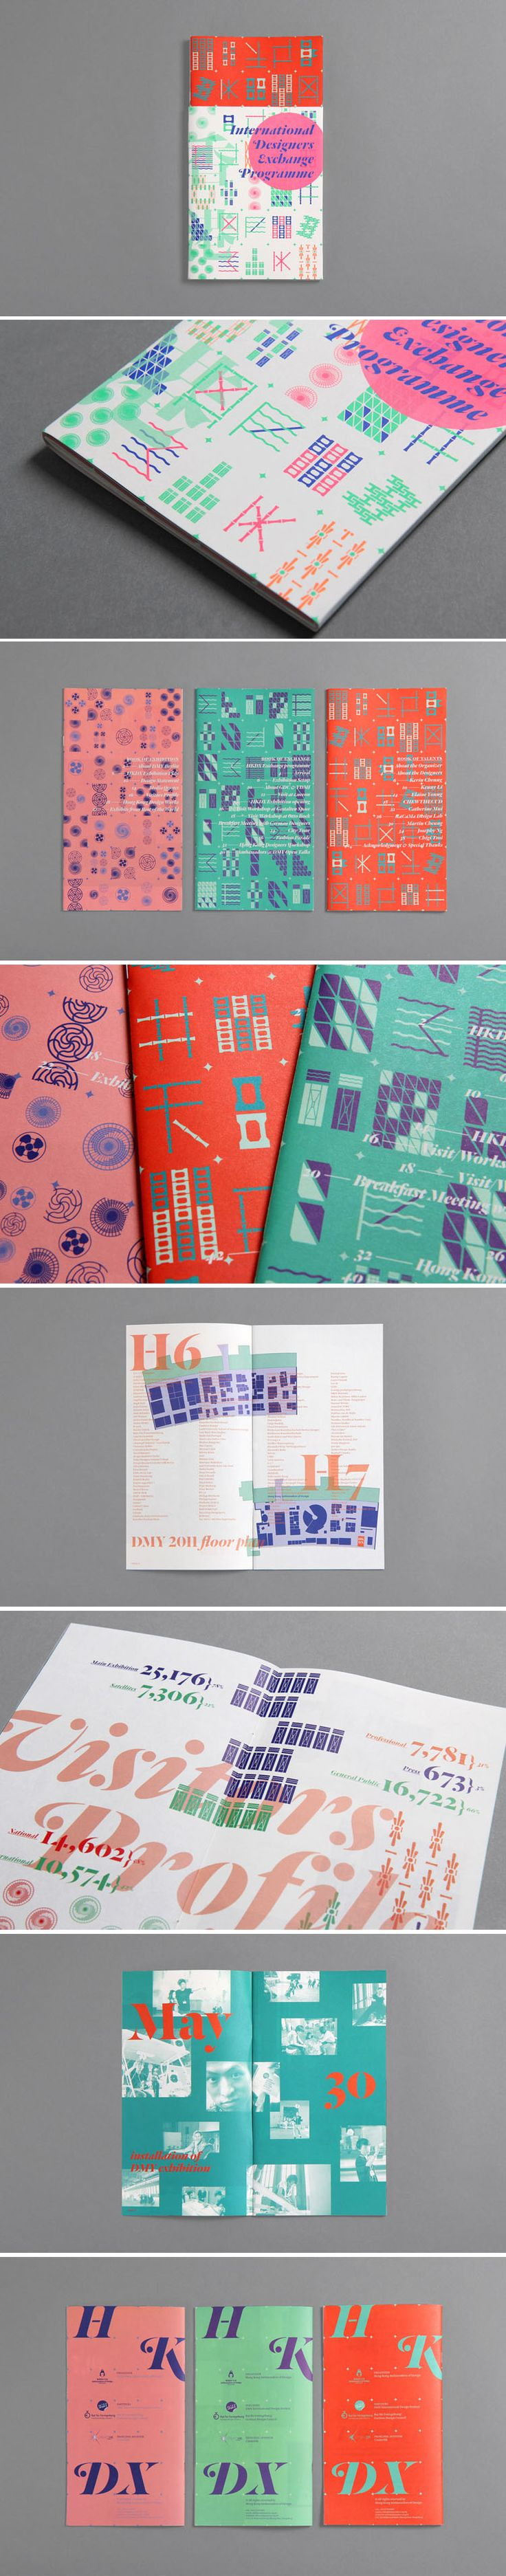 HKDX 2011 | Trilingua 叄語